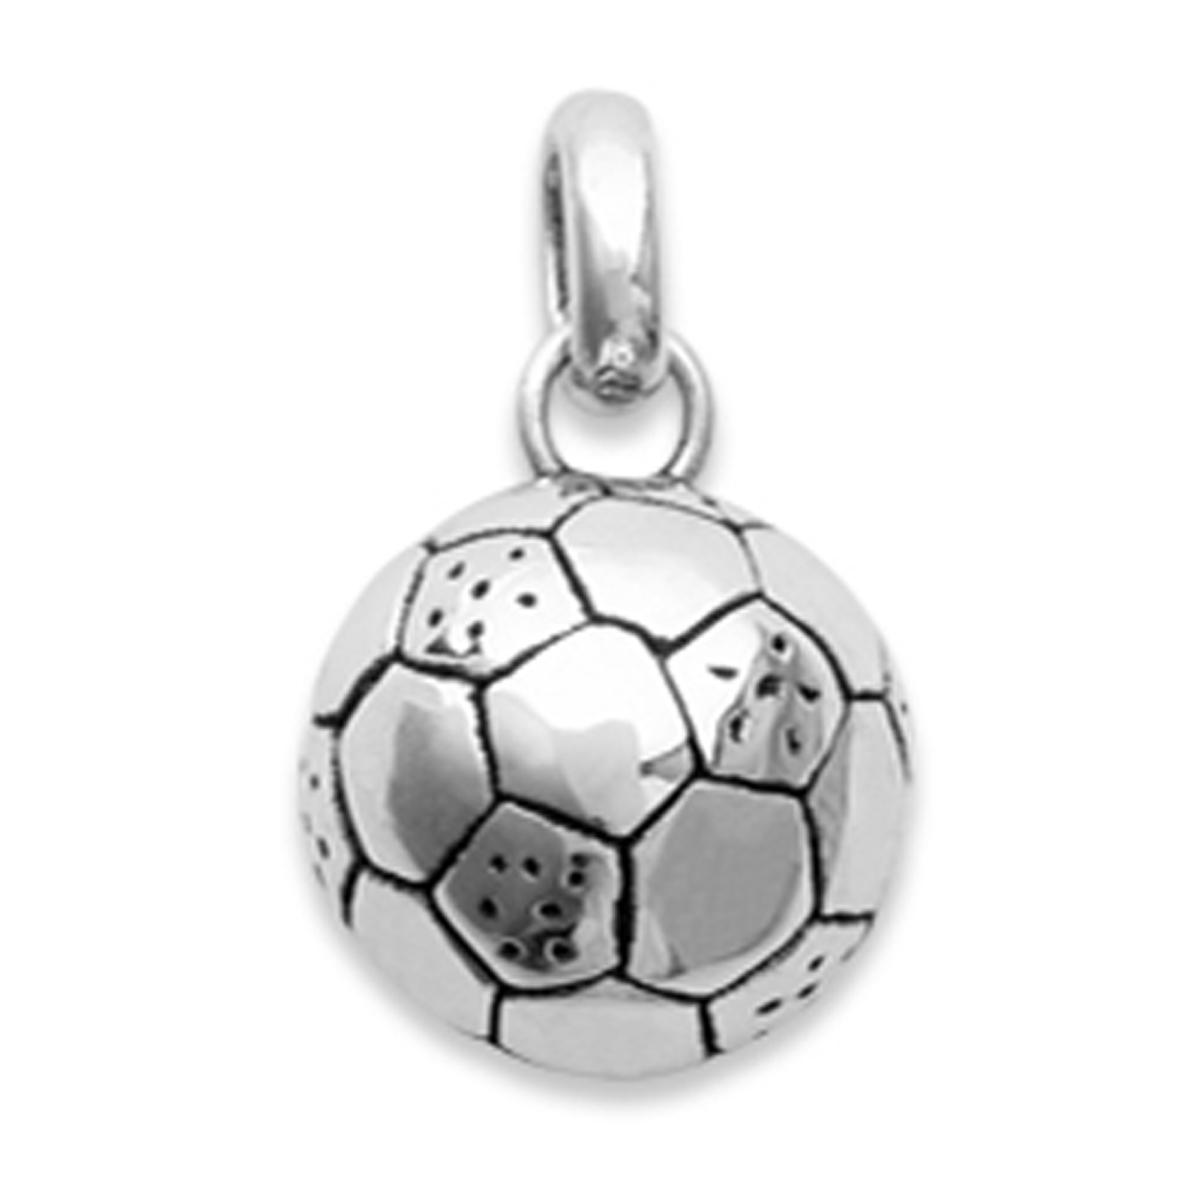 Pendentif Argent \'Football\' argenté (rhodié) - 10 mm - [N1802]